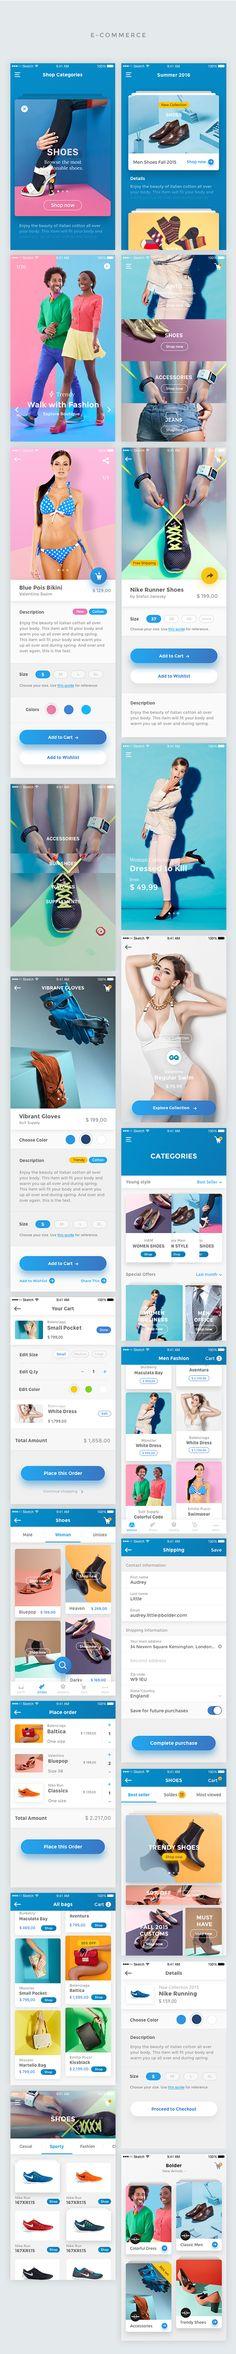 Bolder – Multipurpose Mobile UI KIT for Sketch